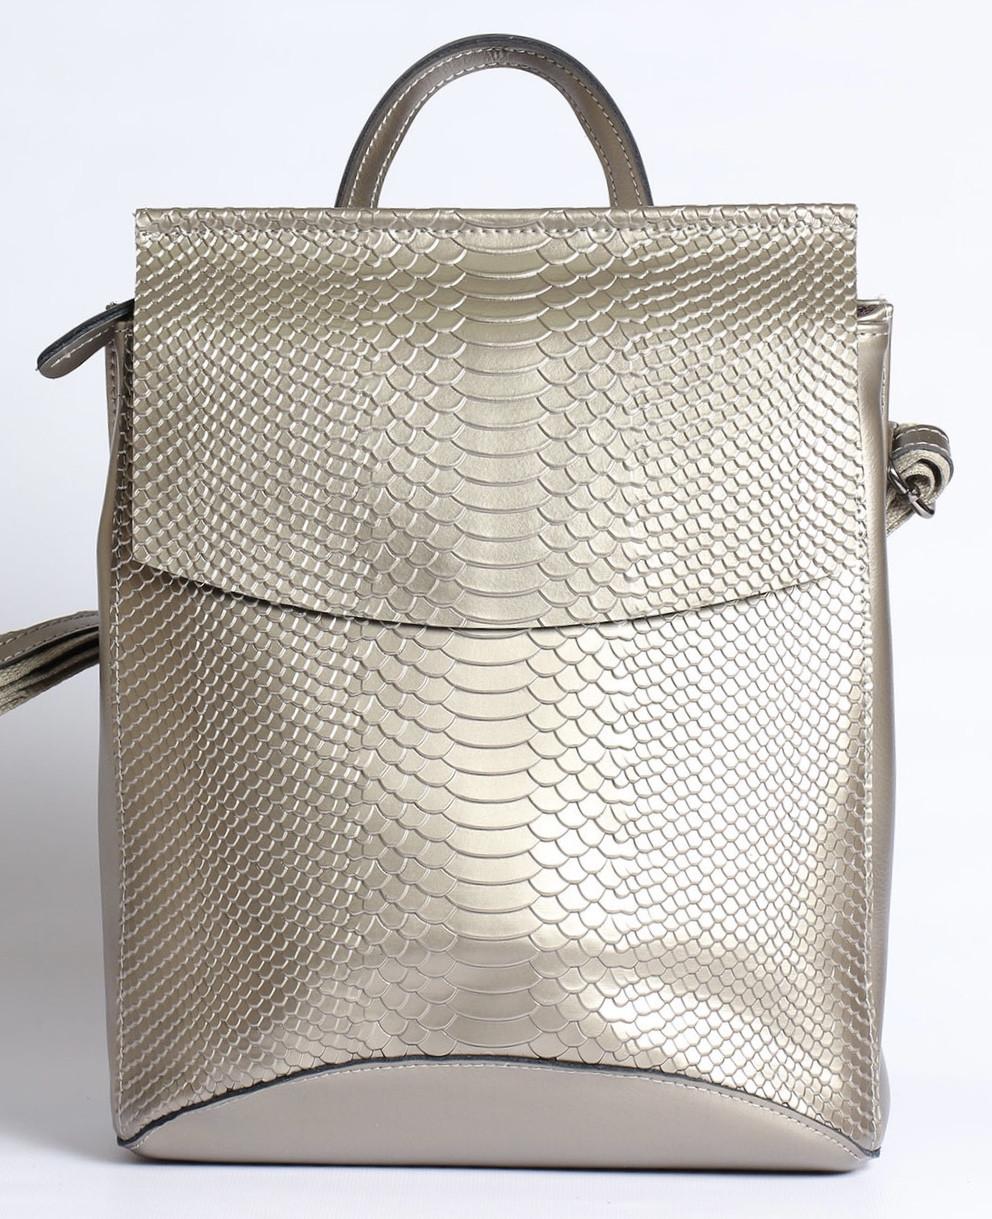 Жіночий сріблястий рюкзак-сумка з натуральної шкіри під зміїну шкіру з клапаном Tiding Bag - 98790